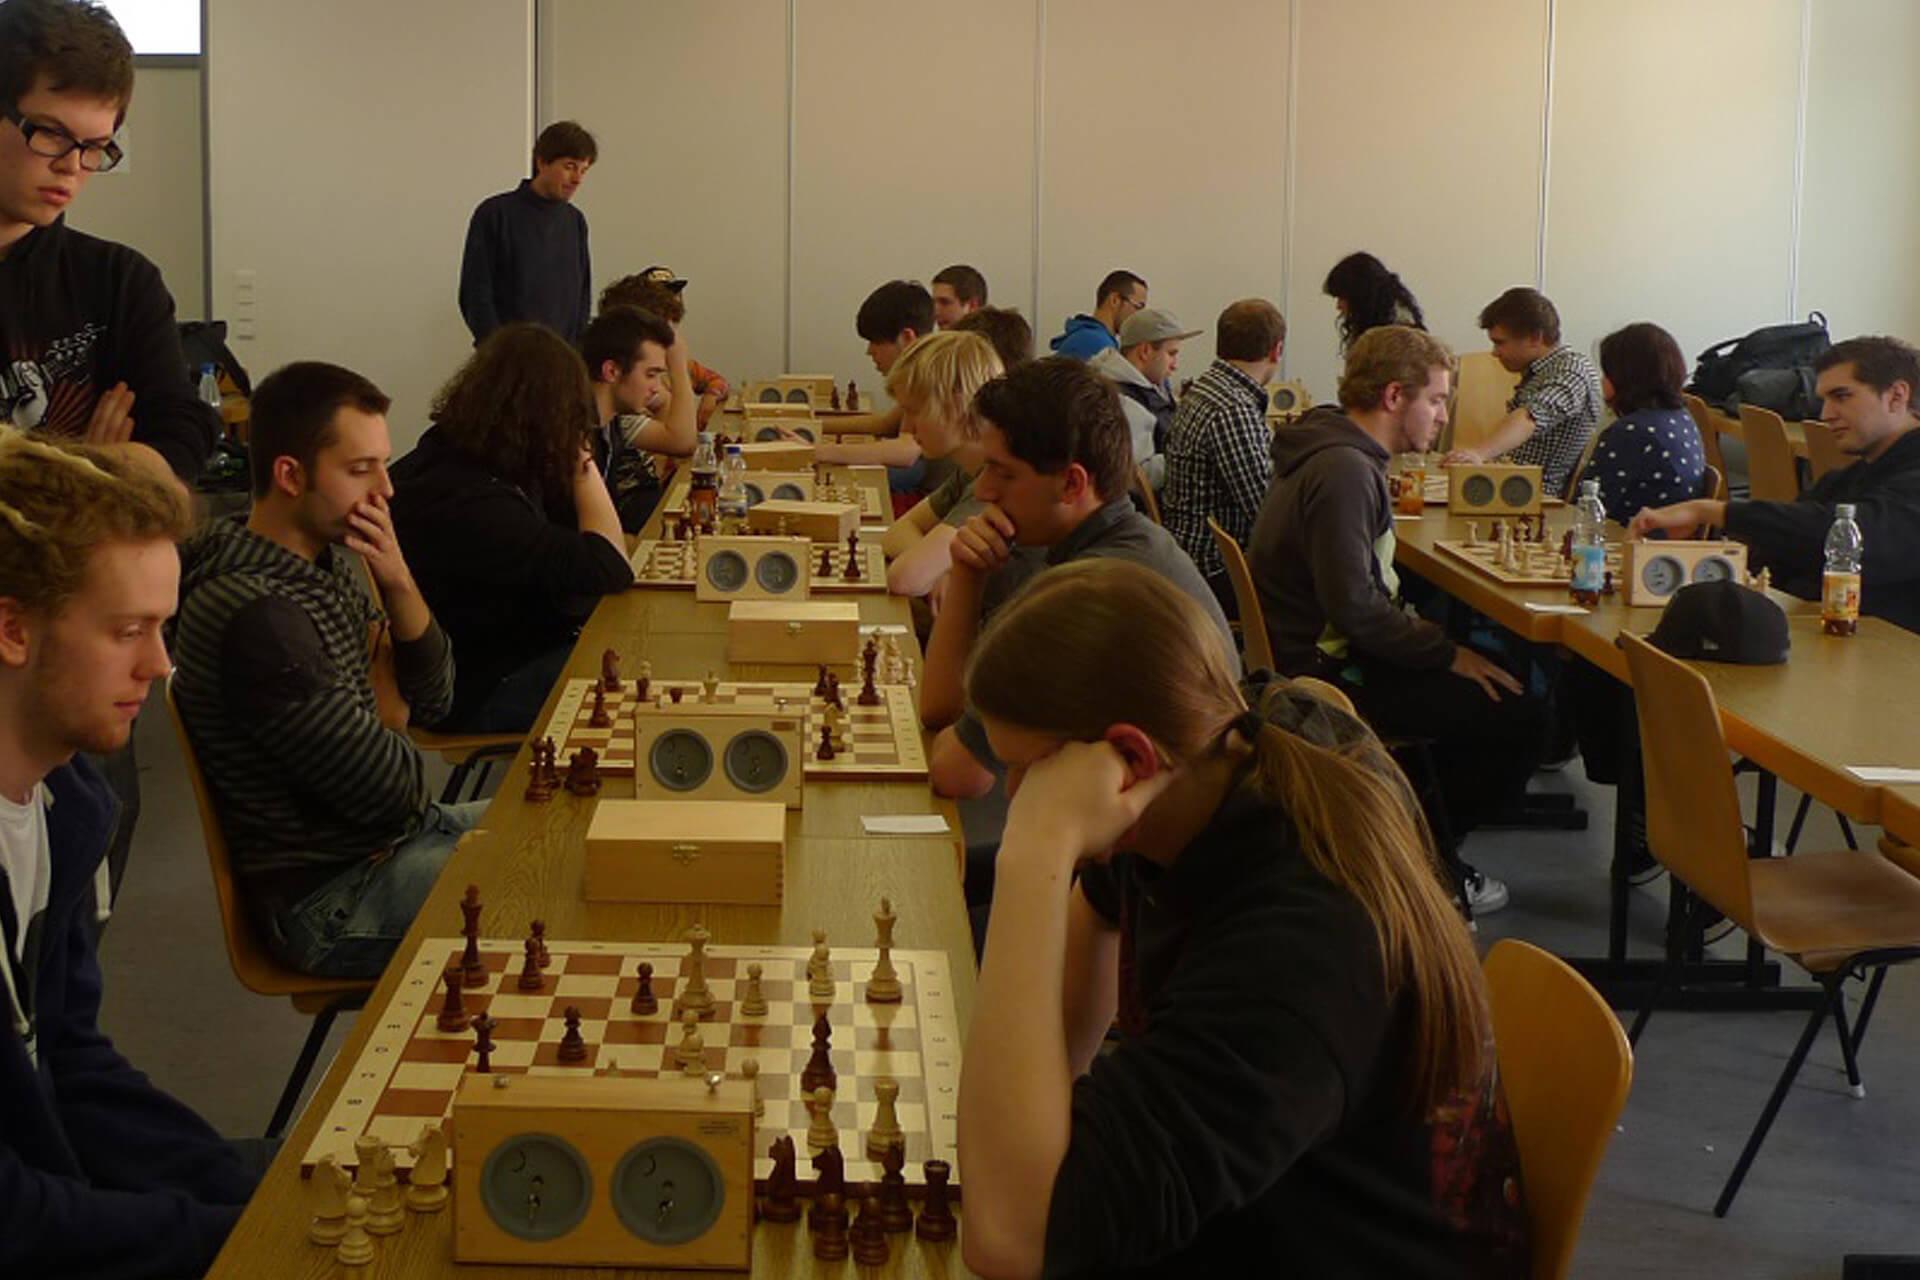 schulleben-schach-content-impressionen-5